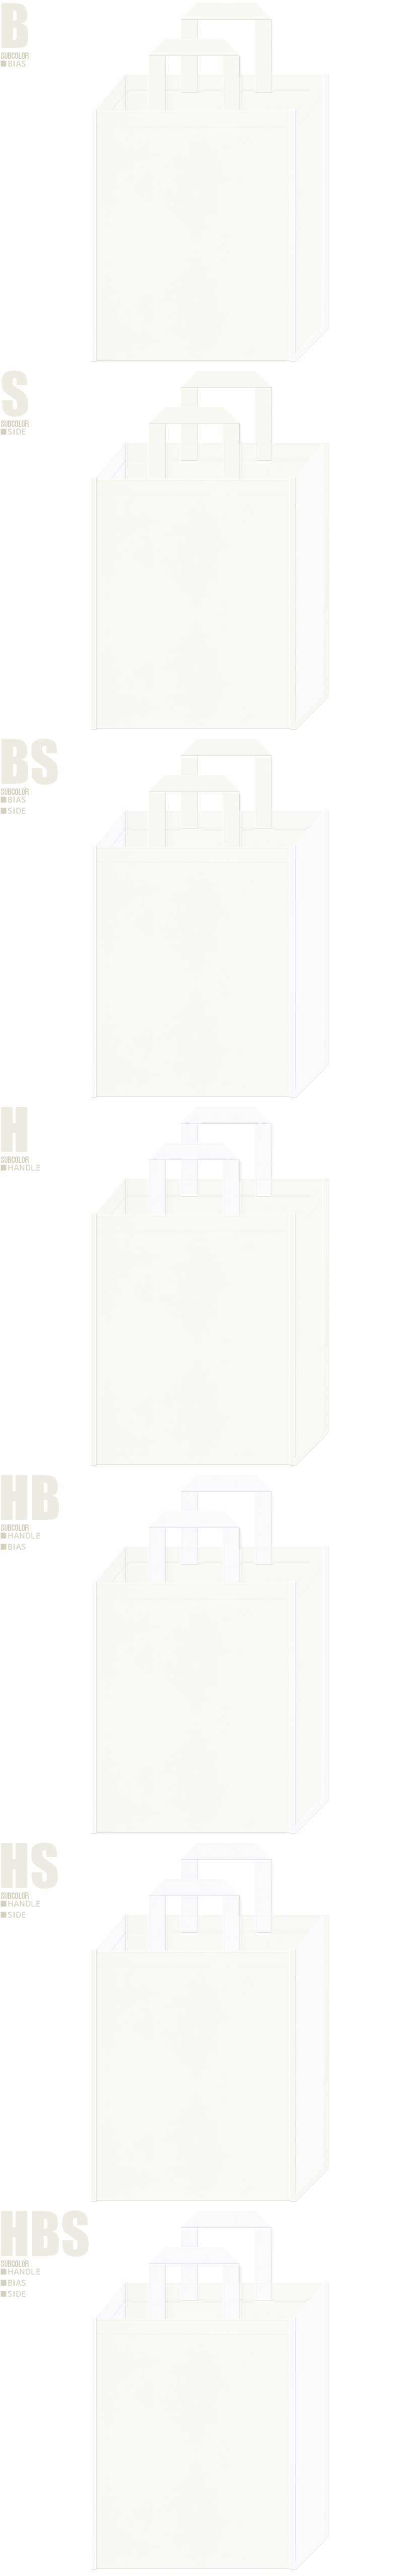 オフホワイト色と白色、7パターンの不織布トートバッグ配色デザイン例。